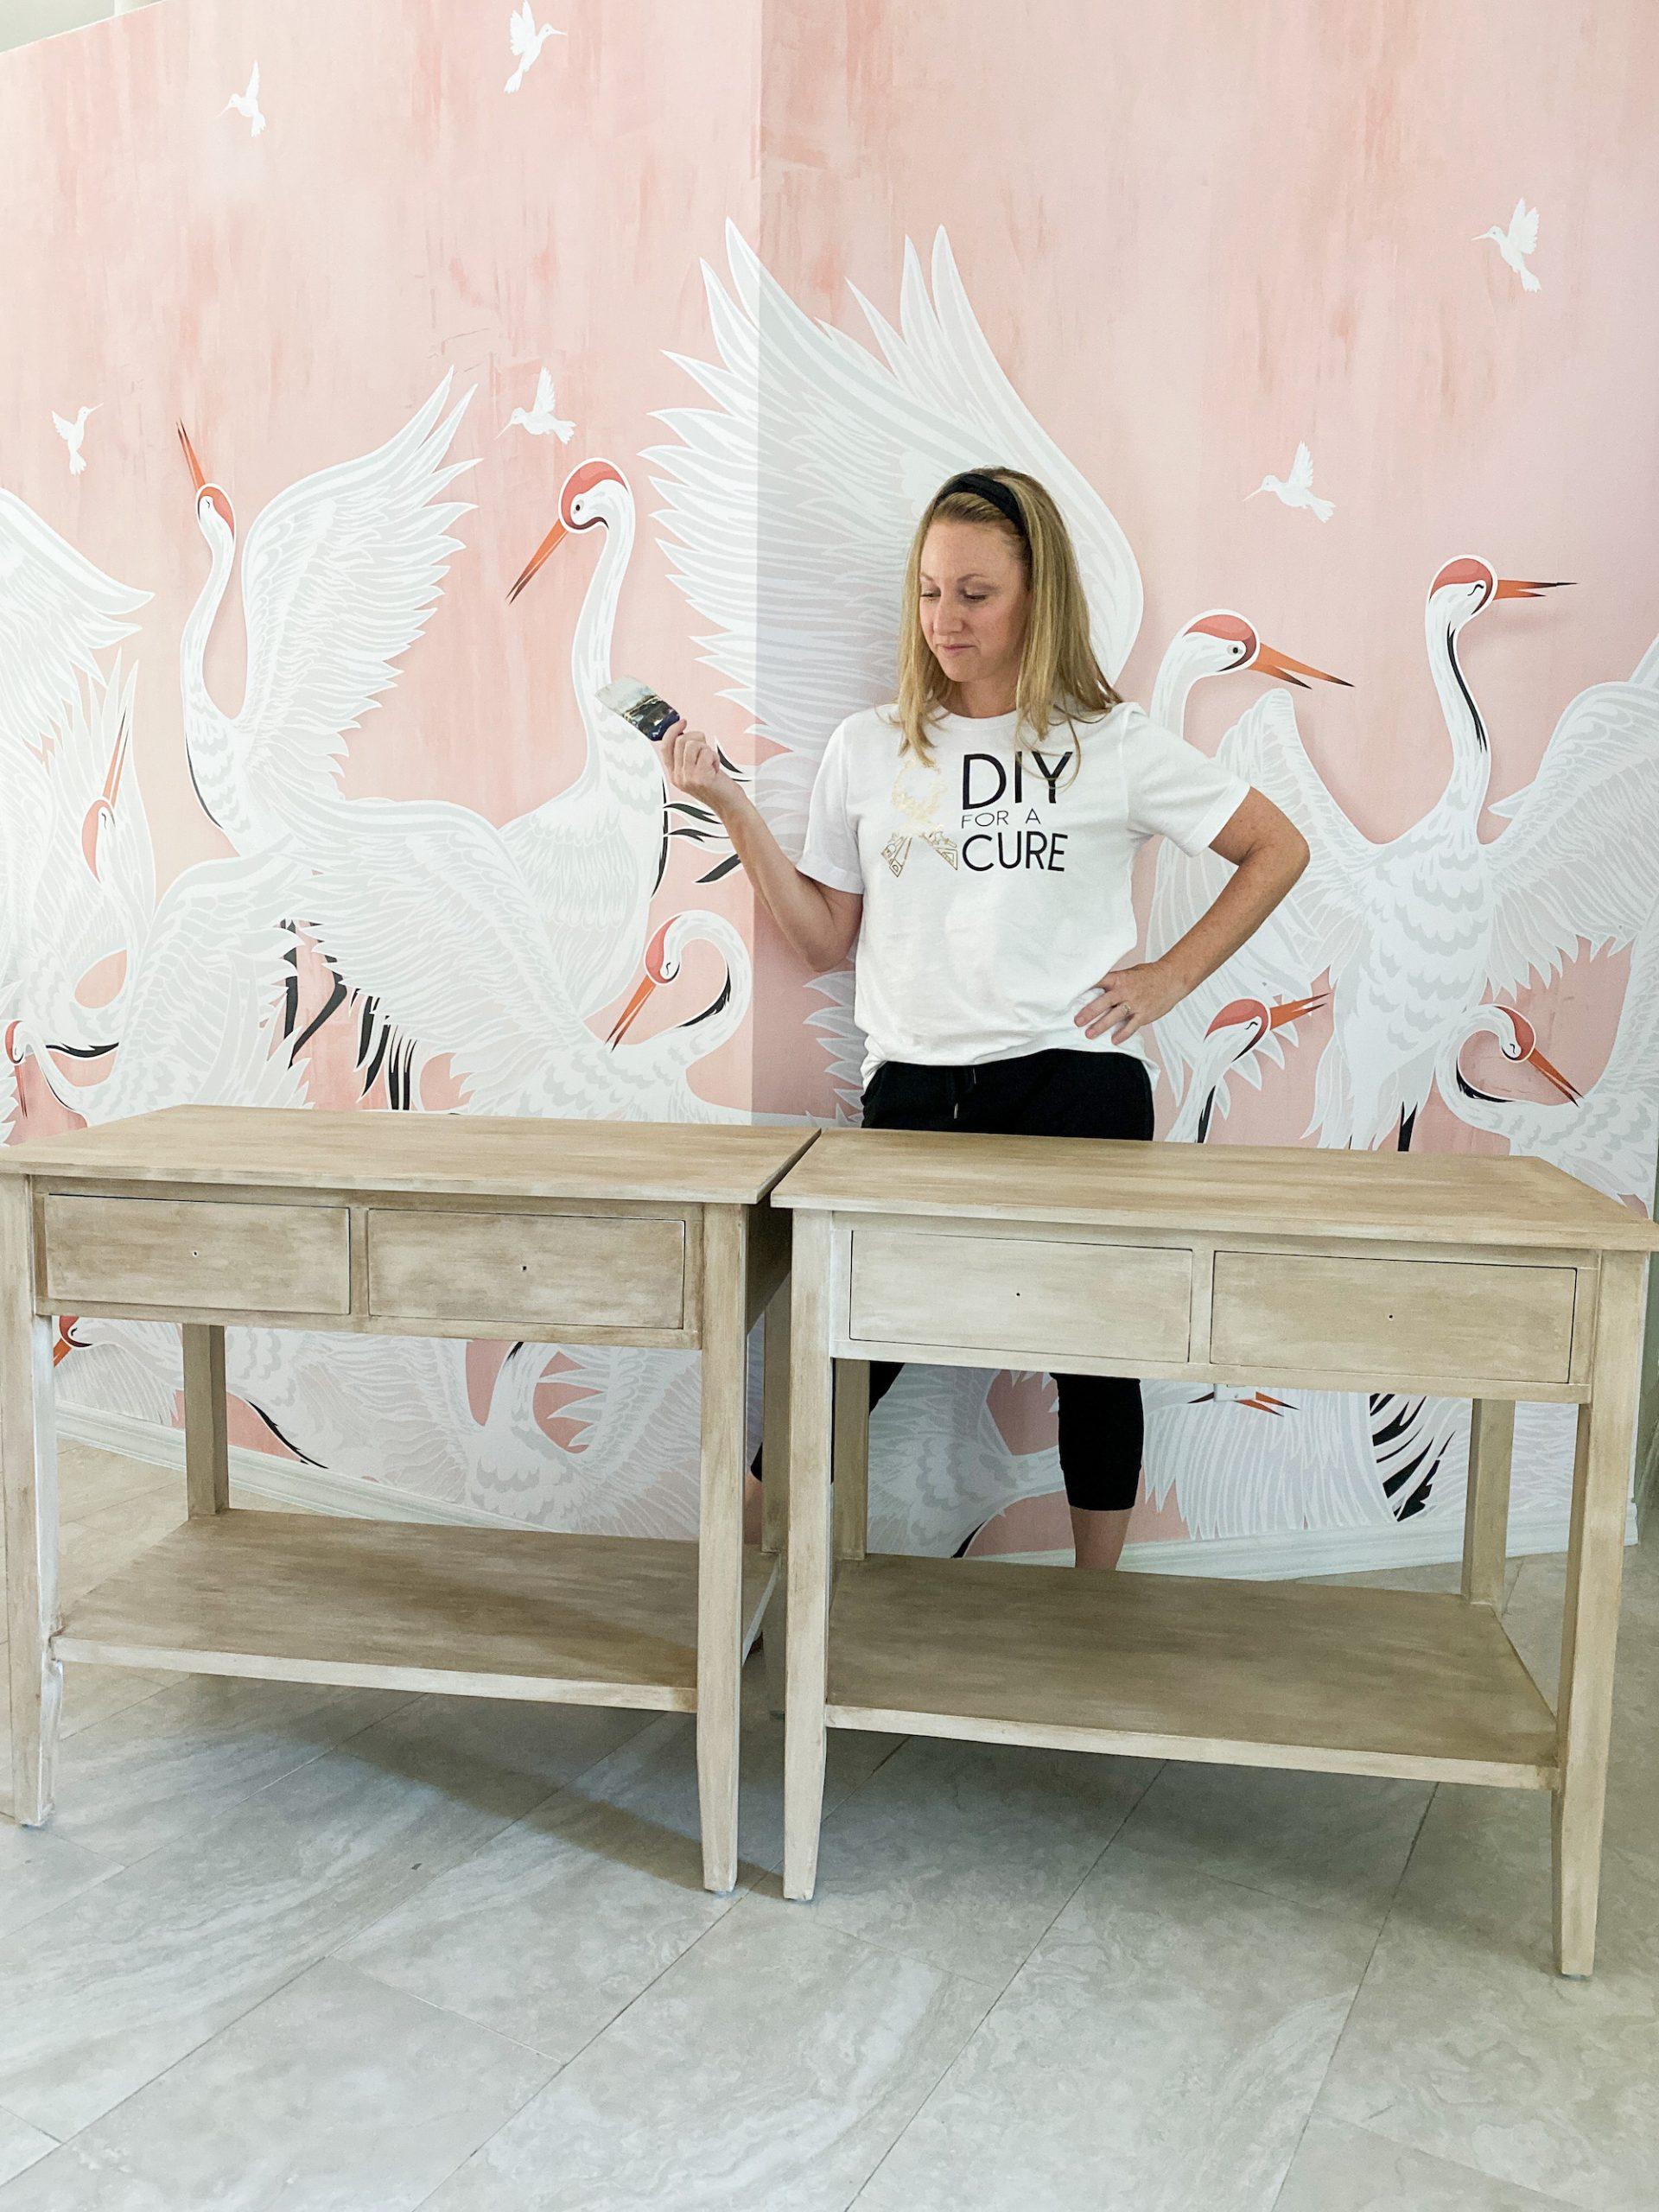 Faux wood painted nightstands DIY tutorial